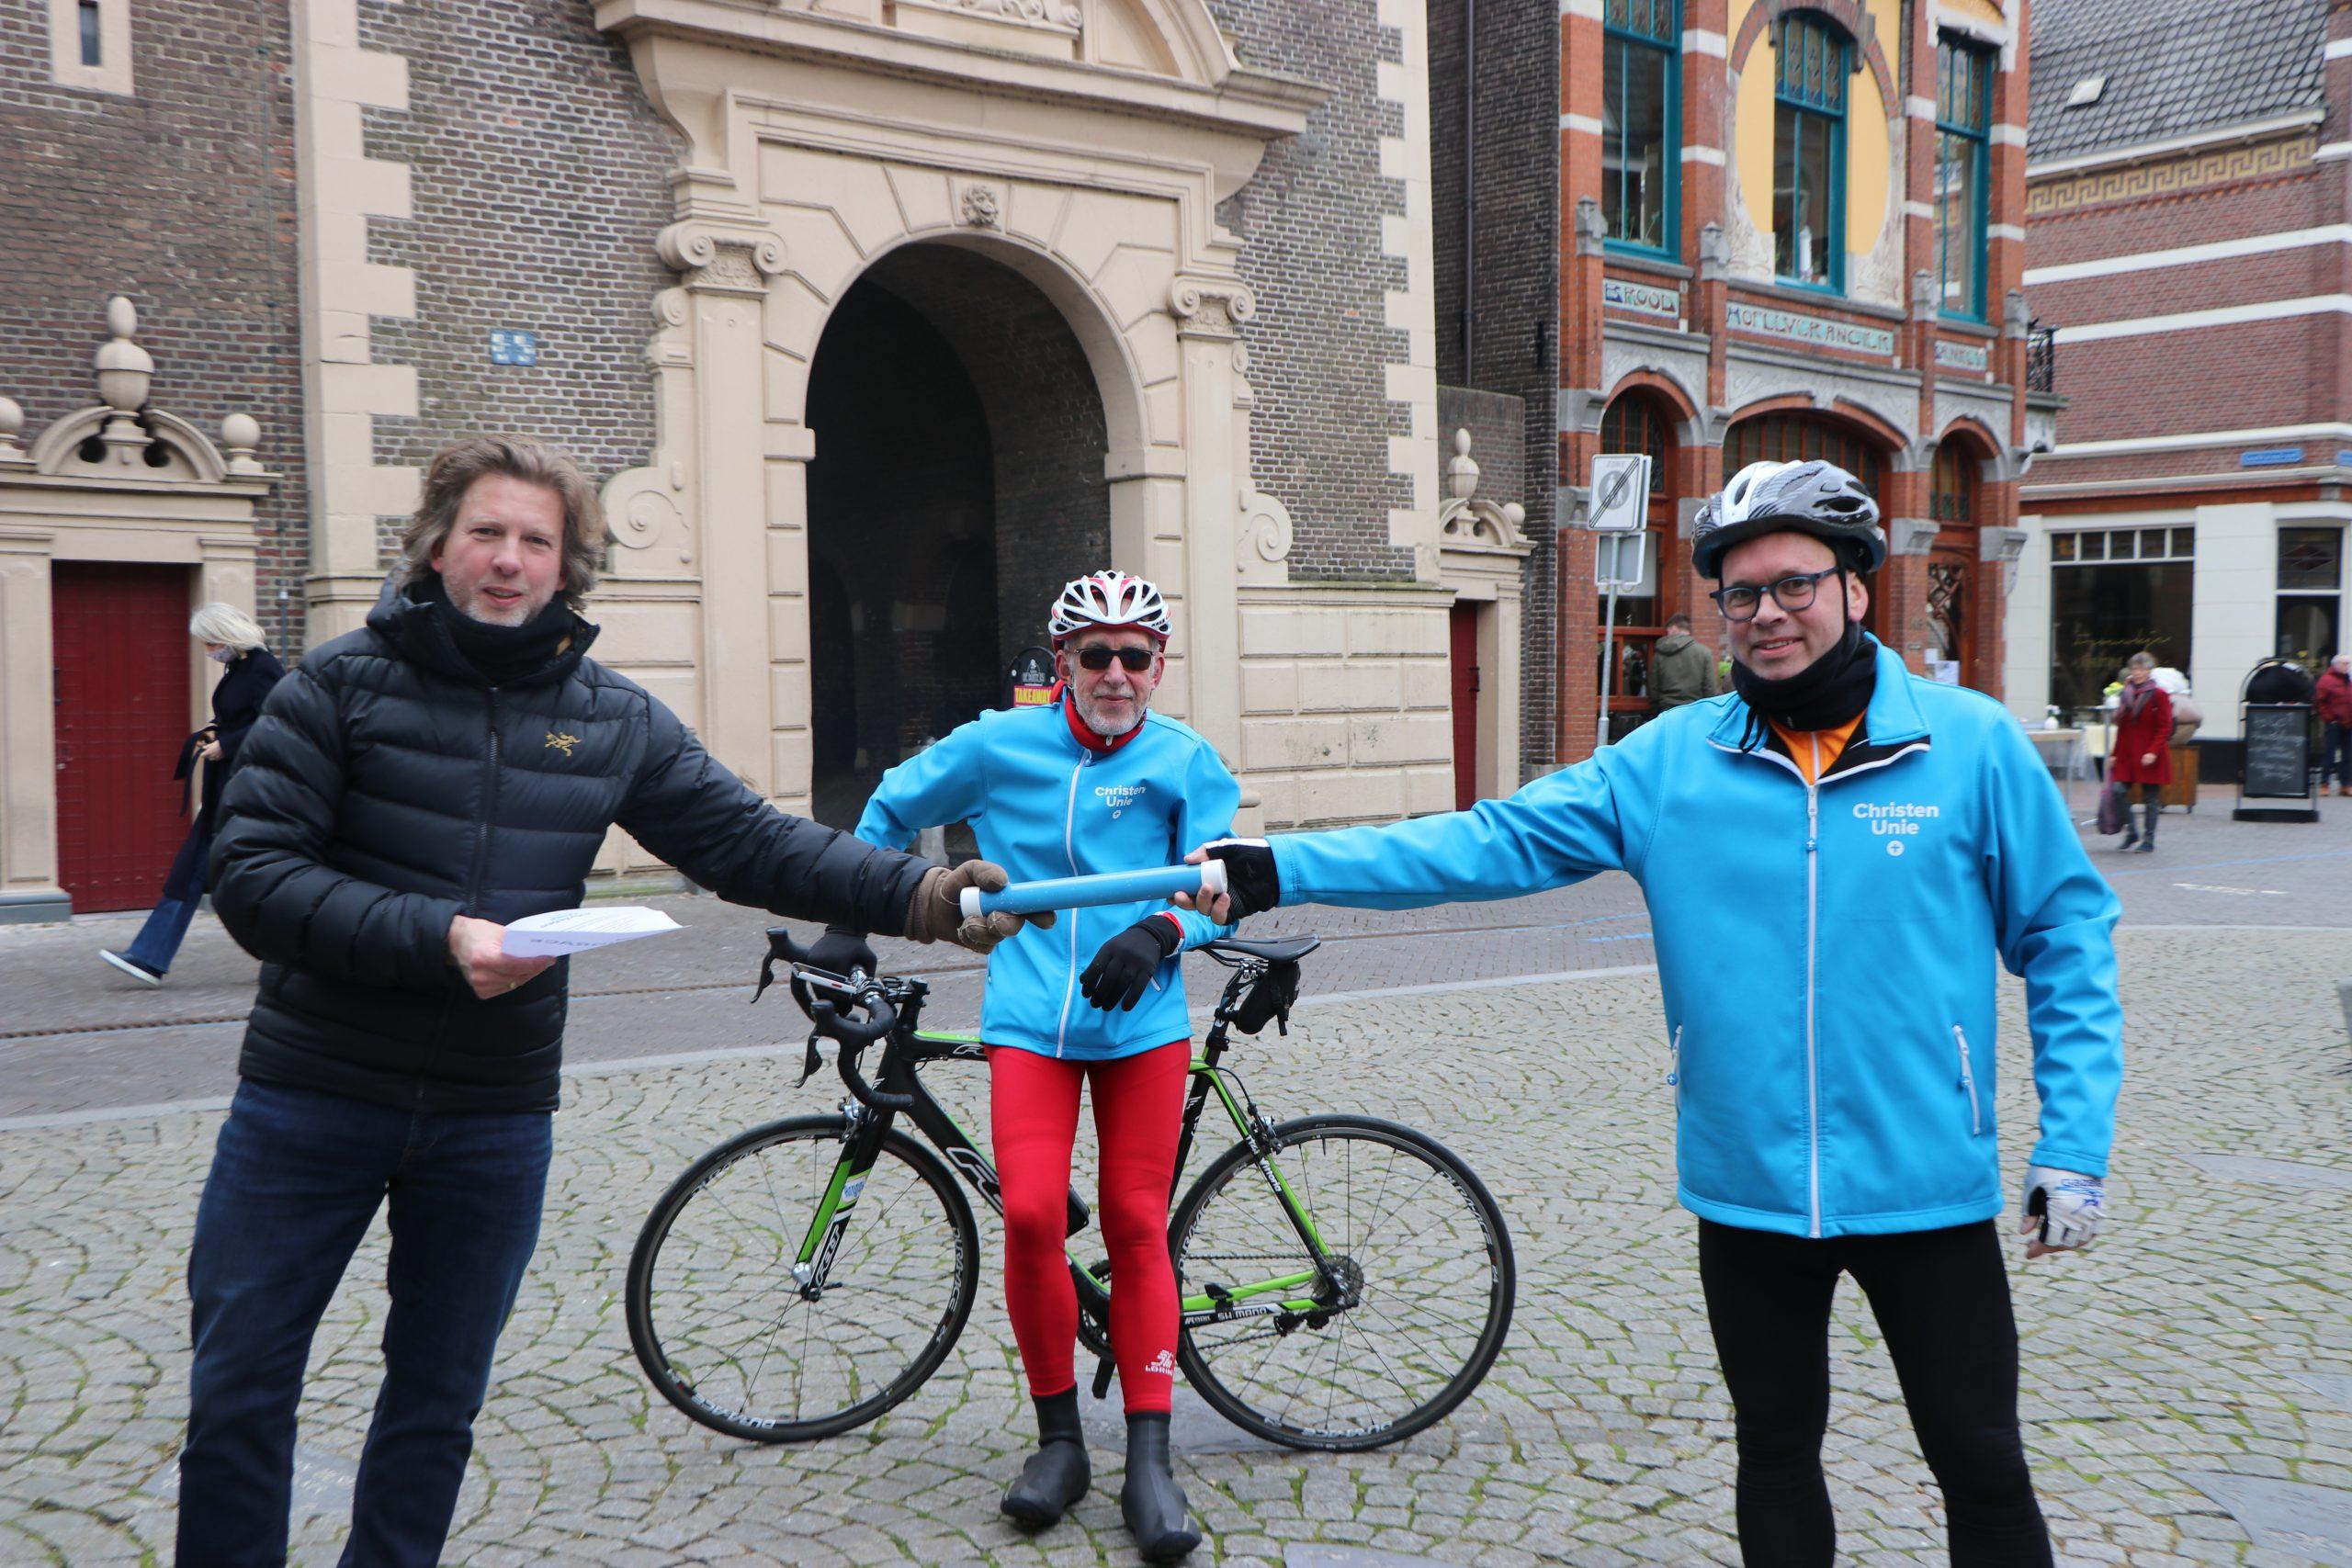 Duurzame oplossing 'Kampen Plastic Vrij' onderweg naar Den Haag